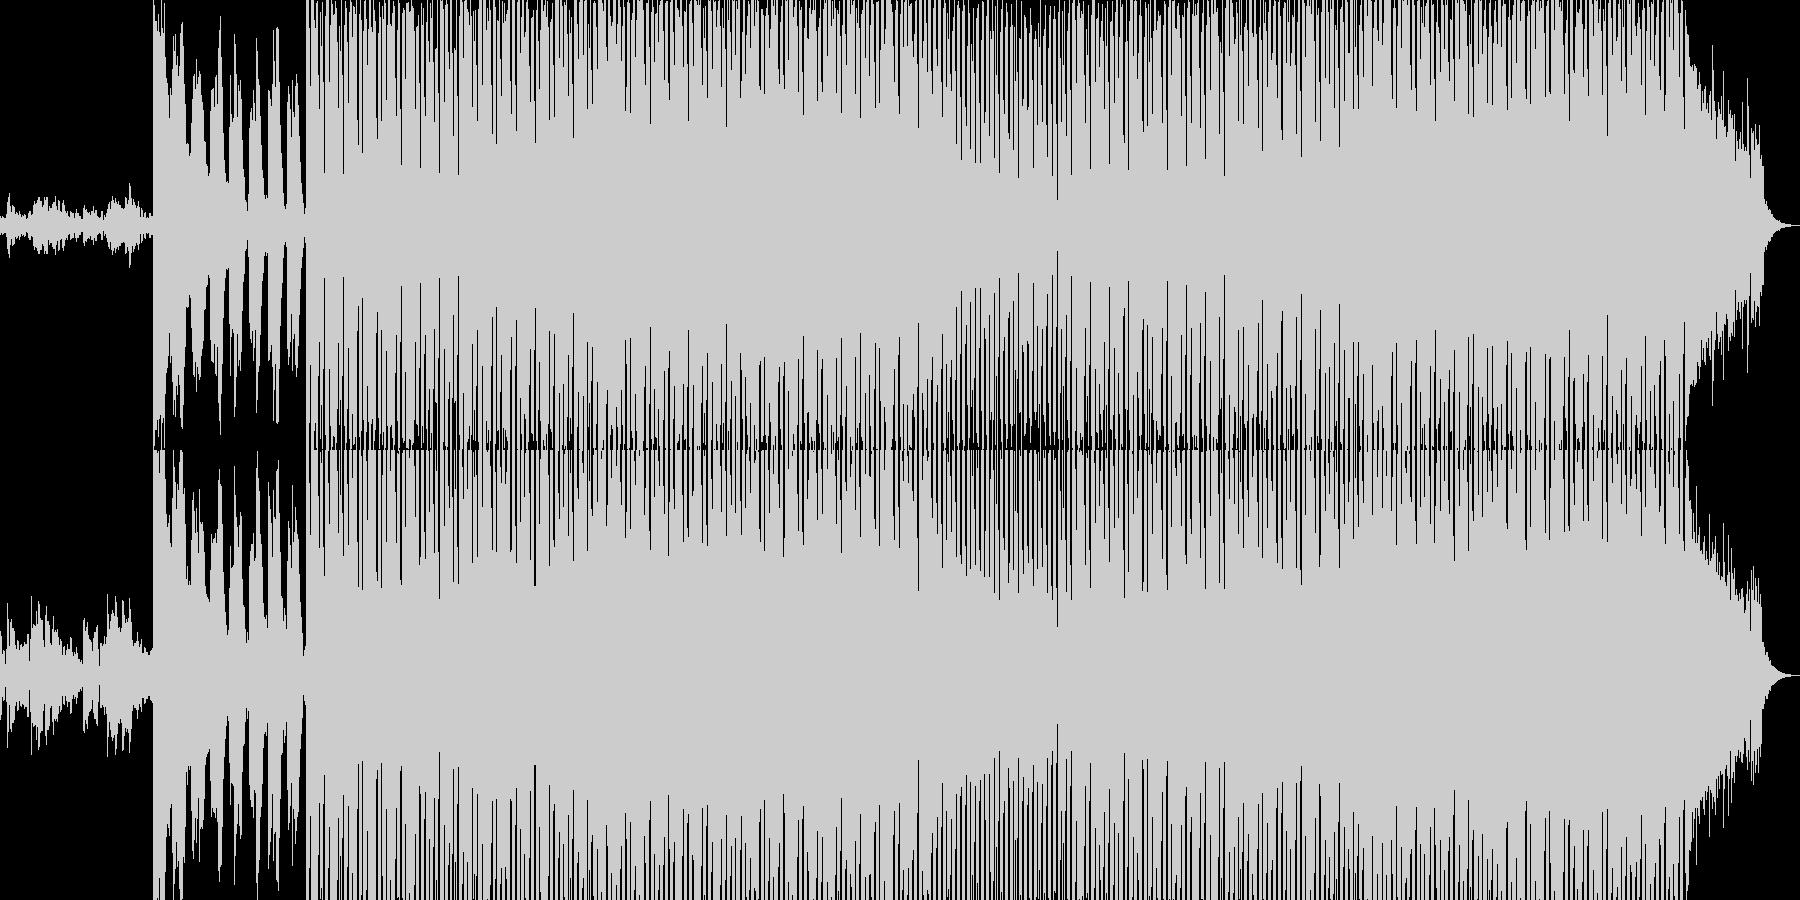 EDMクラブ系ダンスミュージック-87の未再生の波形